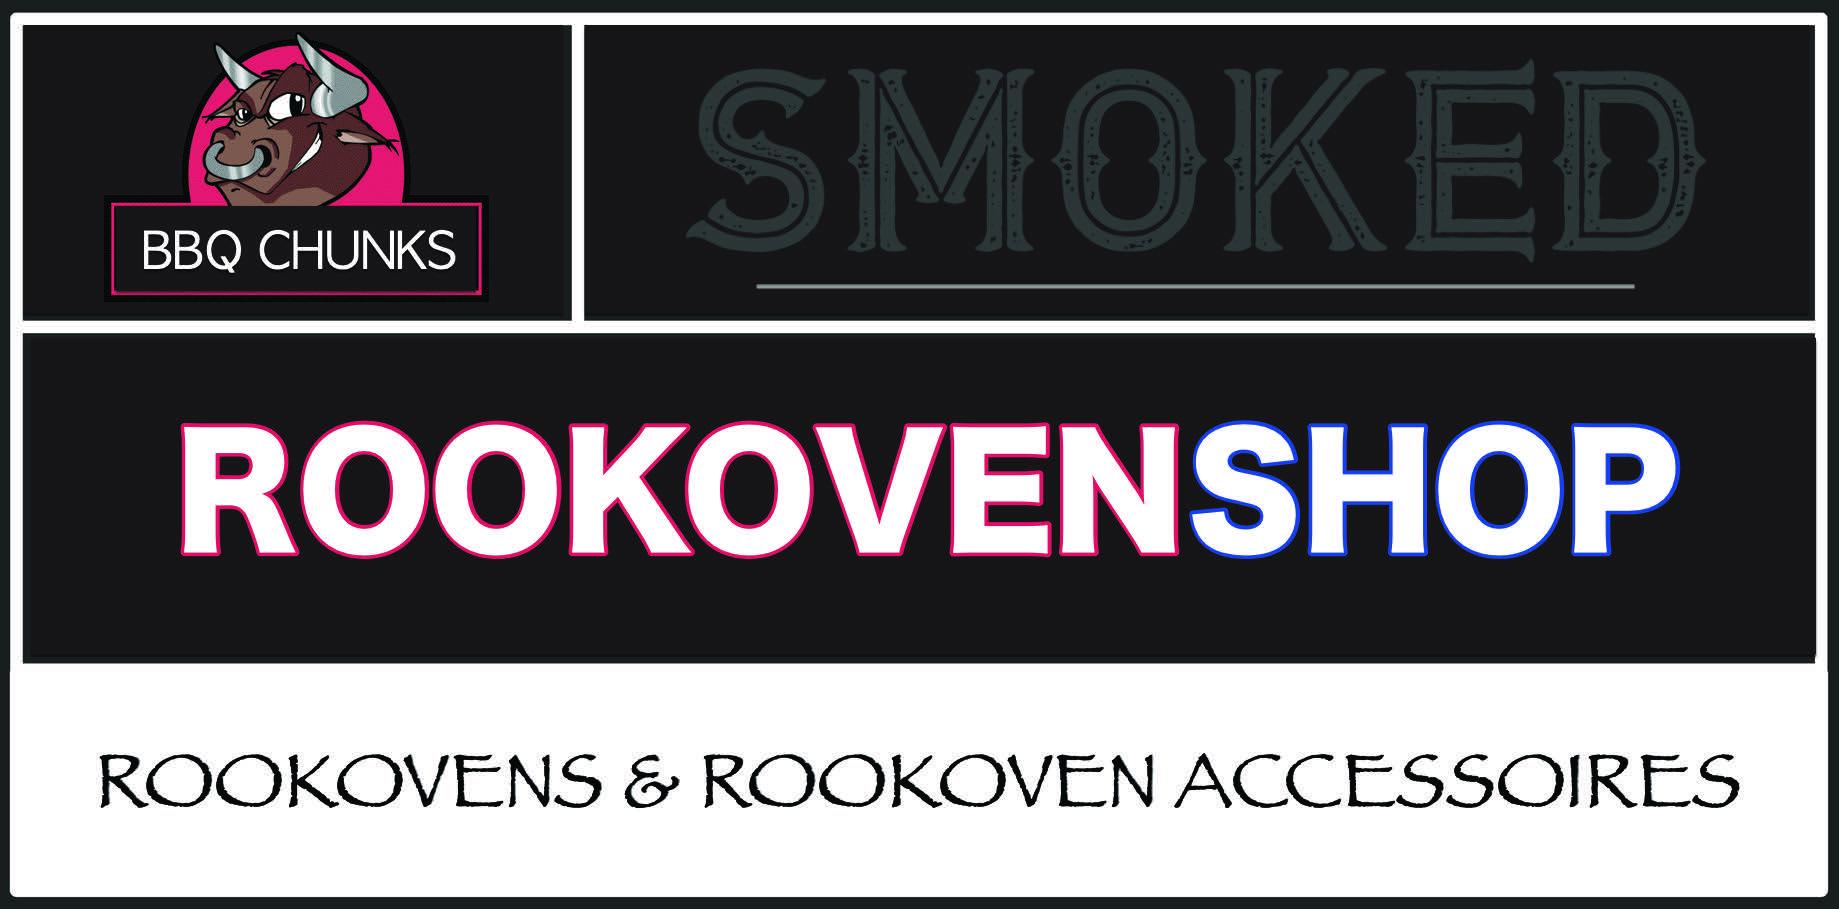 De webshop voor Rookovens - Rookhout - Rookmot - BBQ chunks - Rookhaken - Rookzout - Etageroosters - Rookboeken - Rookoven temperatuurmeters en het allerlaatste nieuws over Paling- en Makreel rookevenementen!